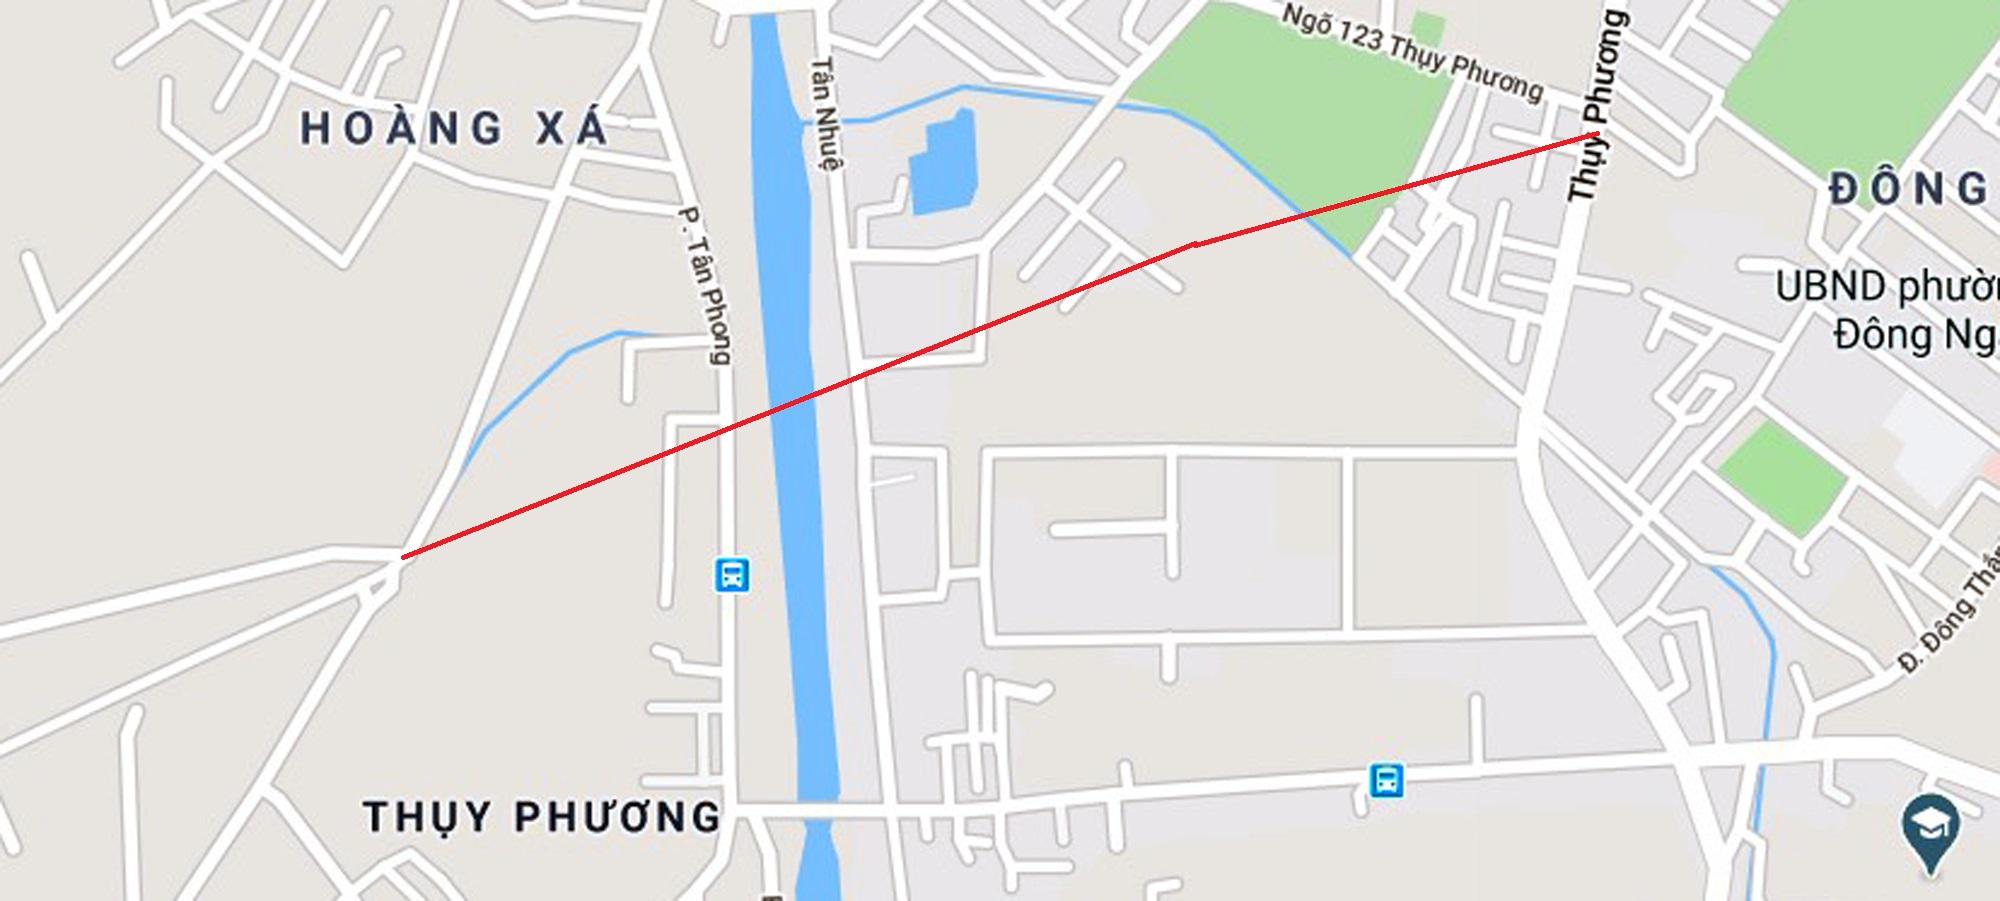 đường sẽ mở theo qui hoạch ở phường Thụy Phương, Bắc Từ Liêm - Ảnh 2.